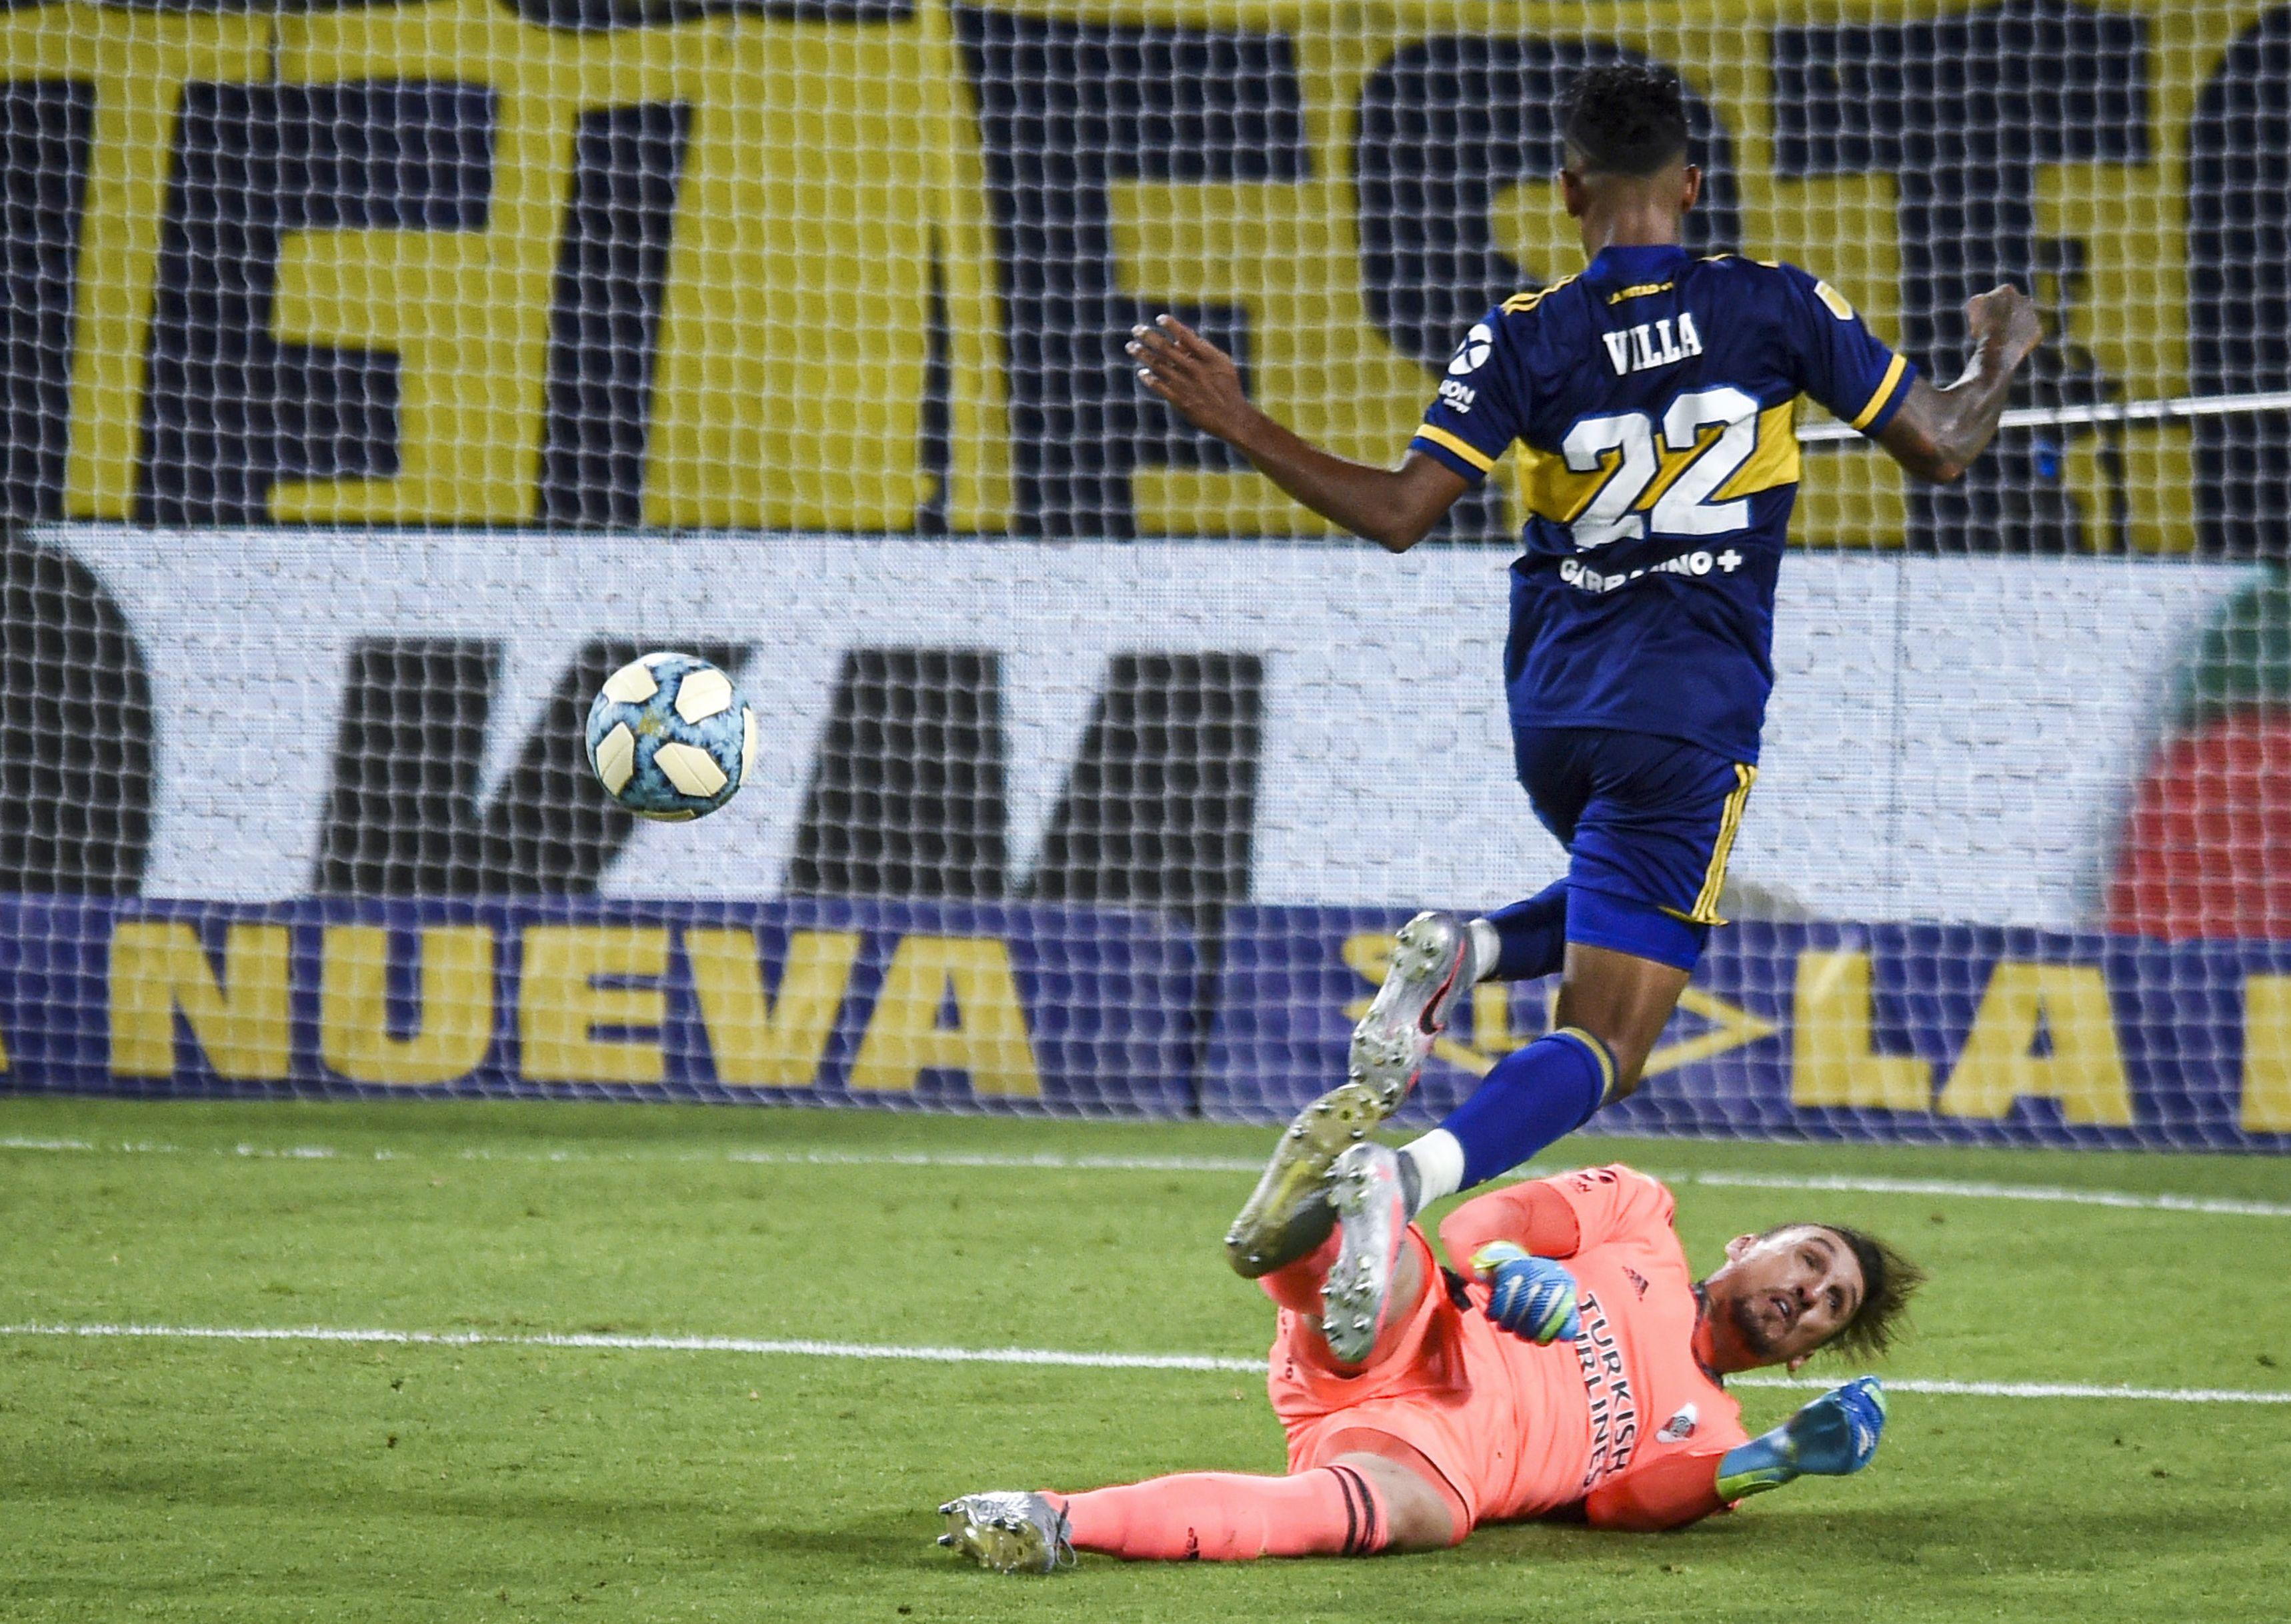 La definición perfecta de Villa frente a Armani para el 2-2 (REUTERS/Marcelo Endelli)